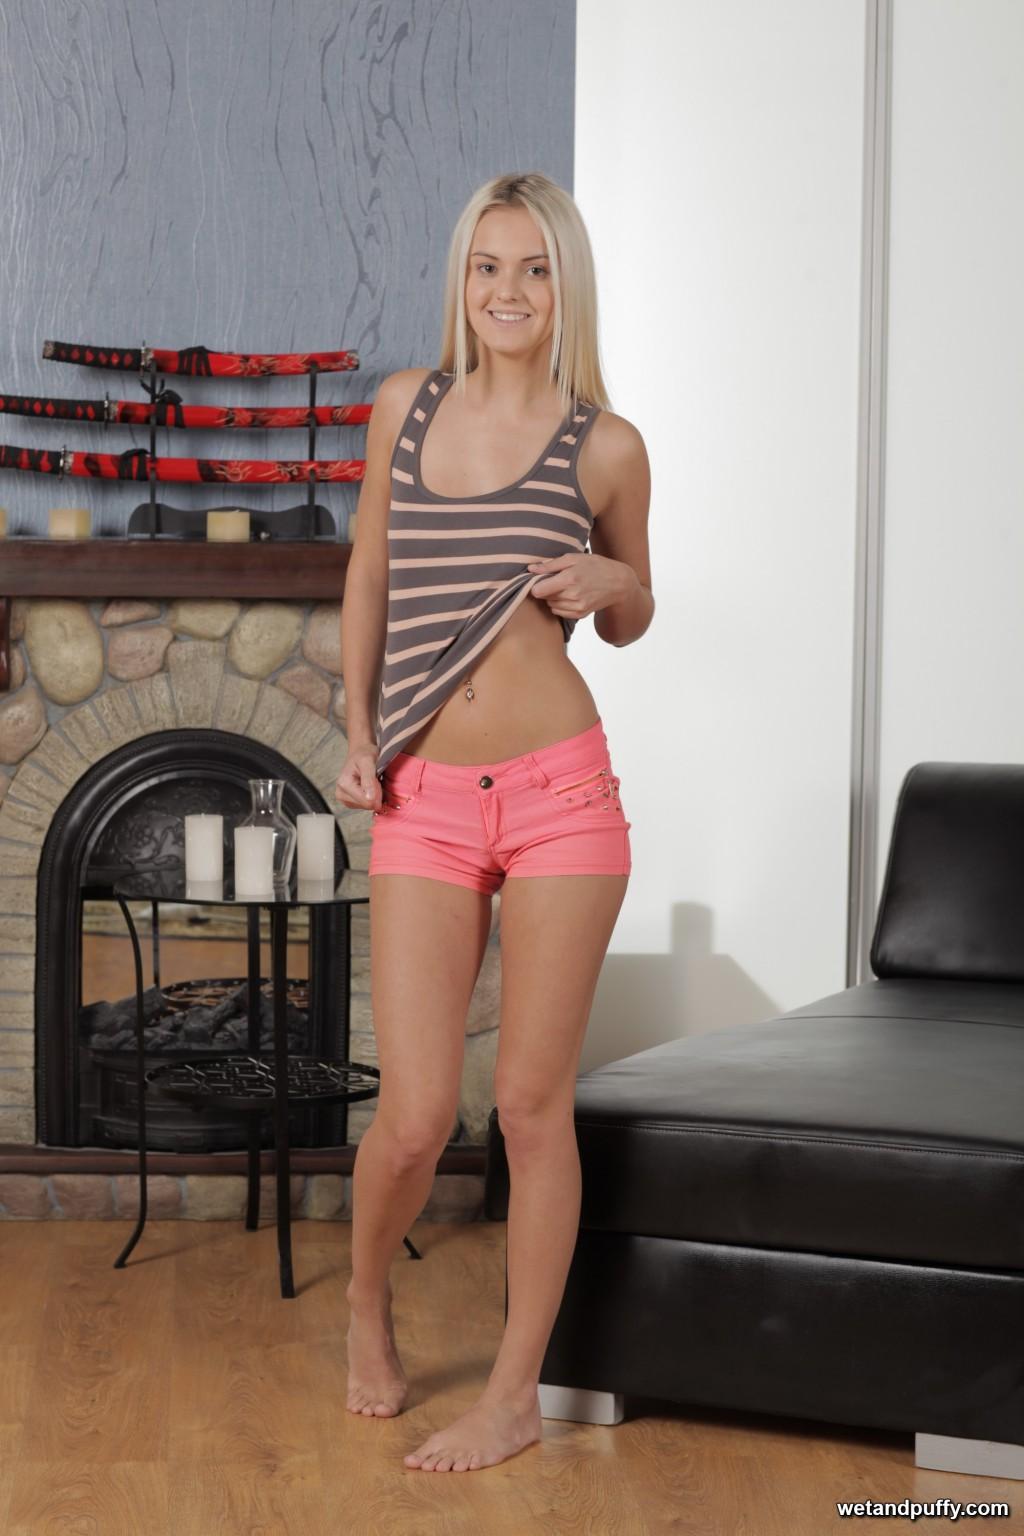 Роскошная блондинка сняла обтягивающие шорты и помастурбировала